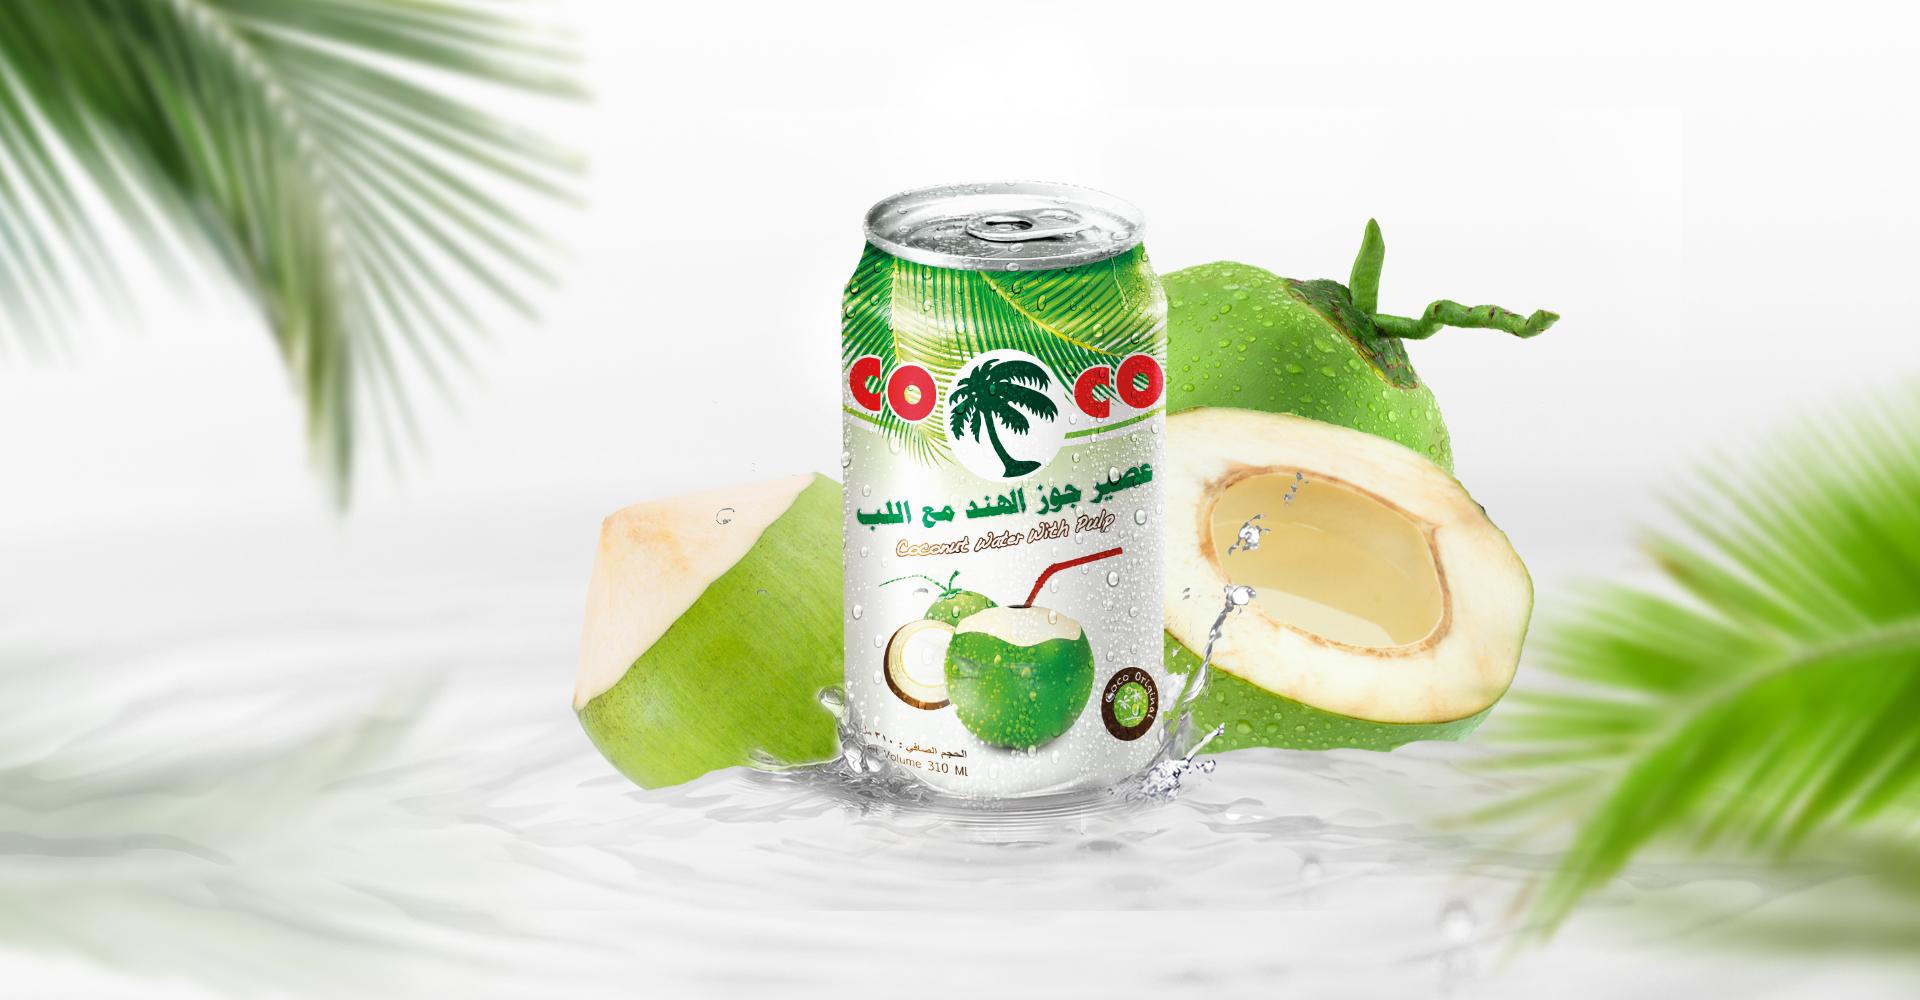 Coco, Simply fresh coconuts